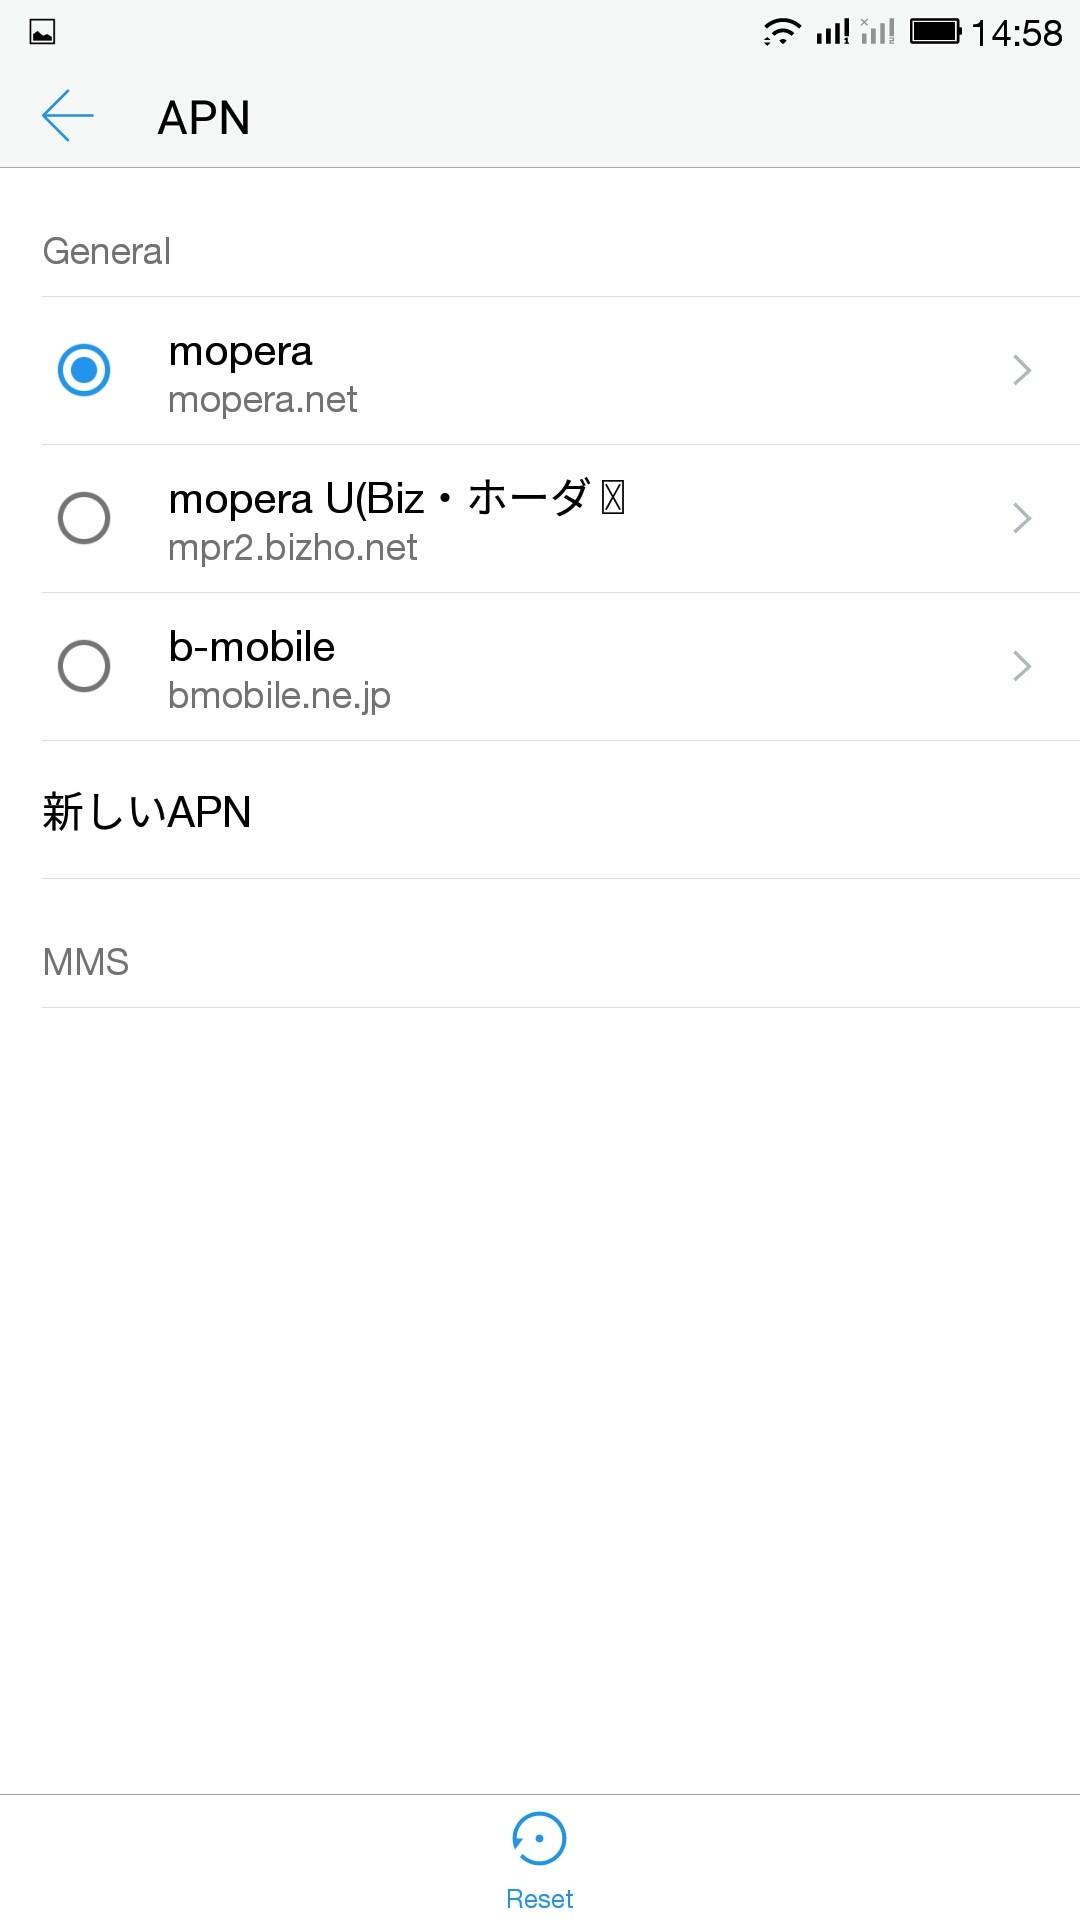 デフォルトで3つの日本のPN設定がある